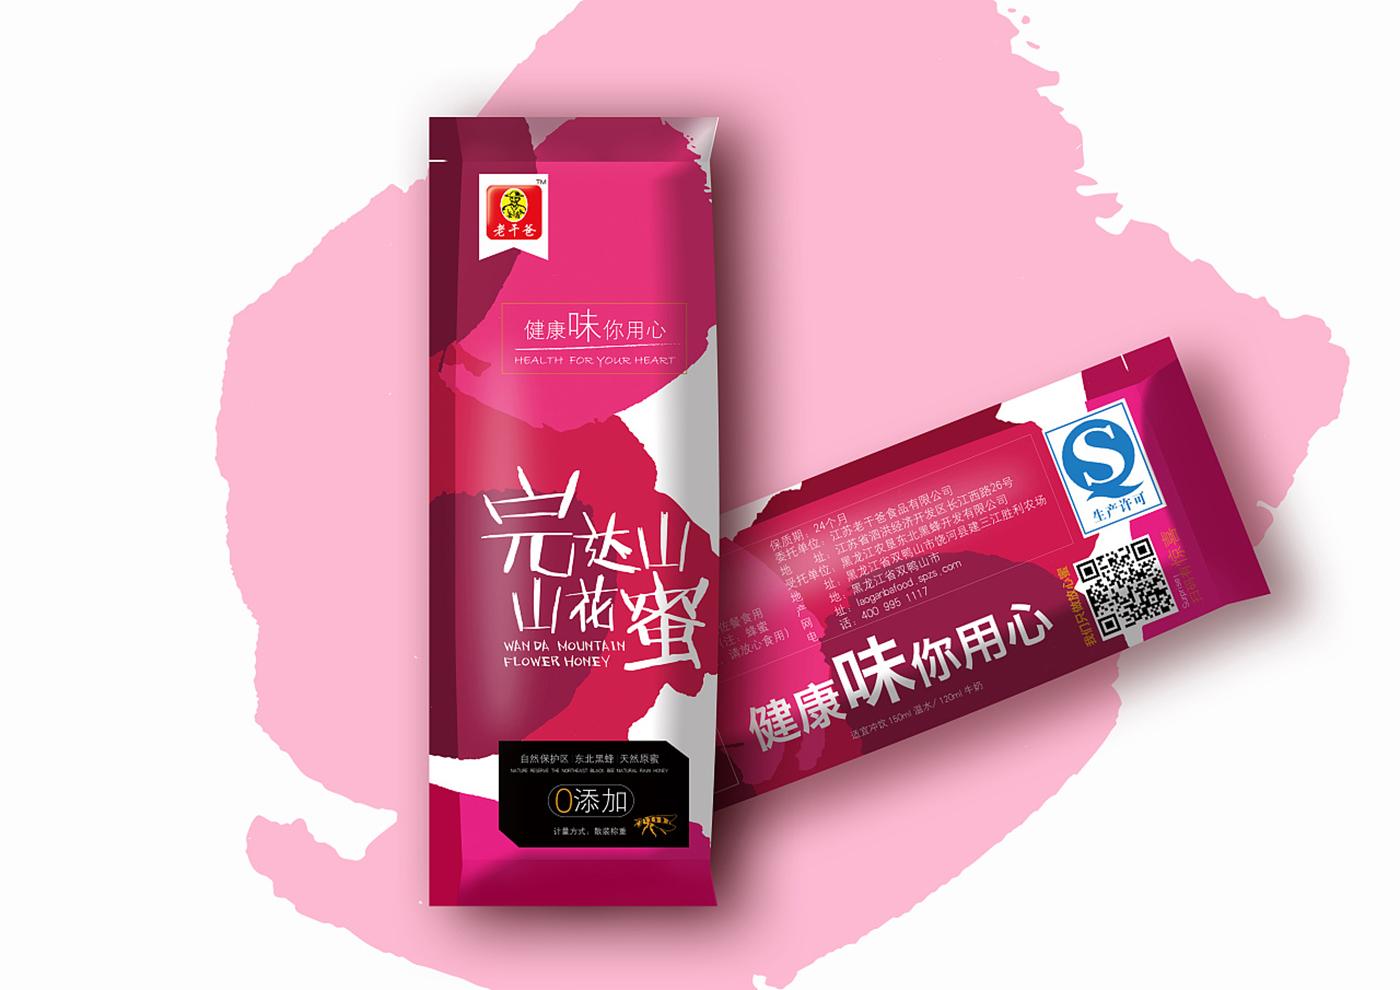 江苏老干爸食品有限公司-老干爸蜂蜜系列包装4